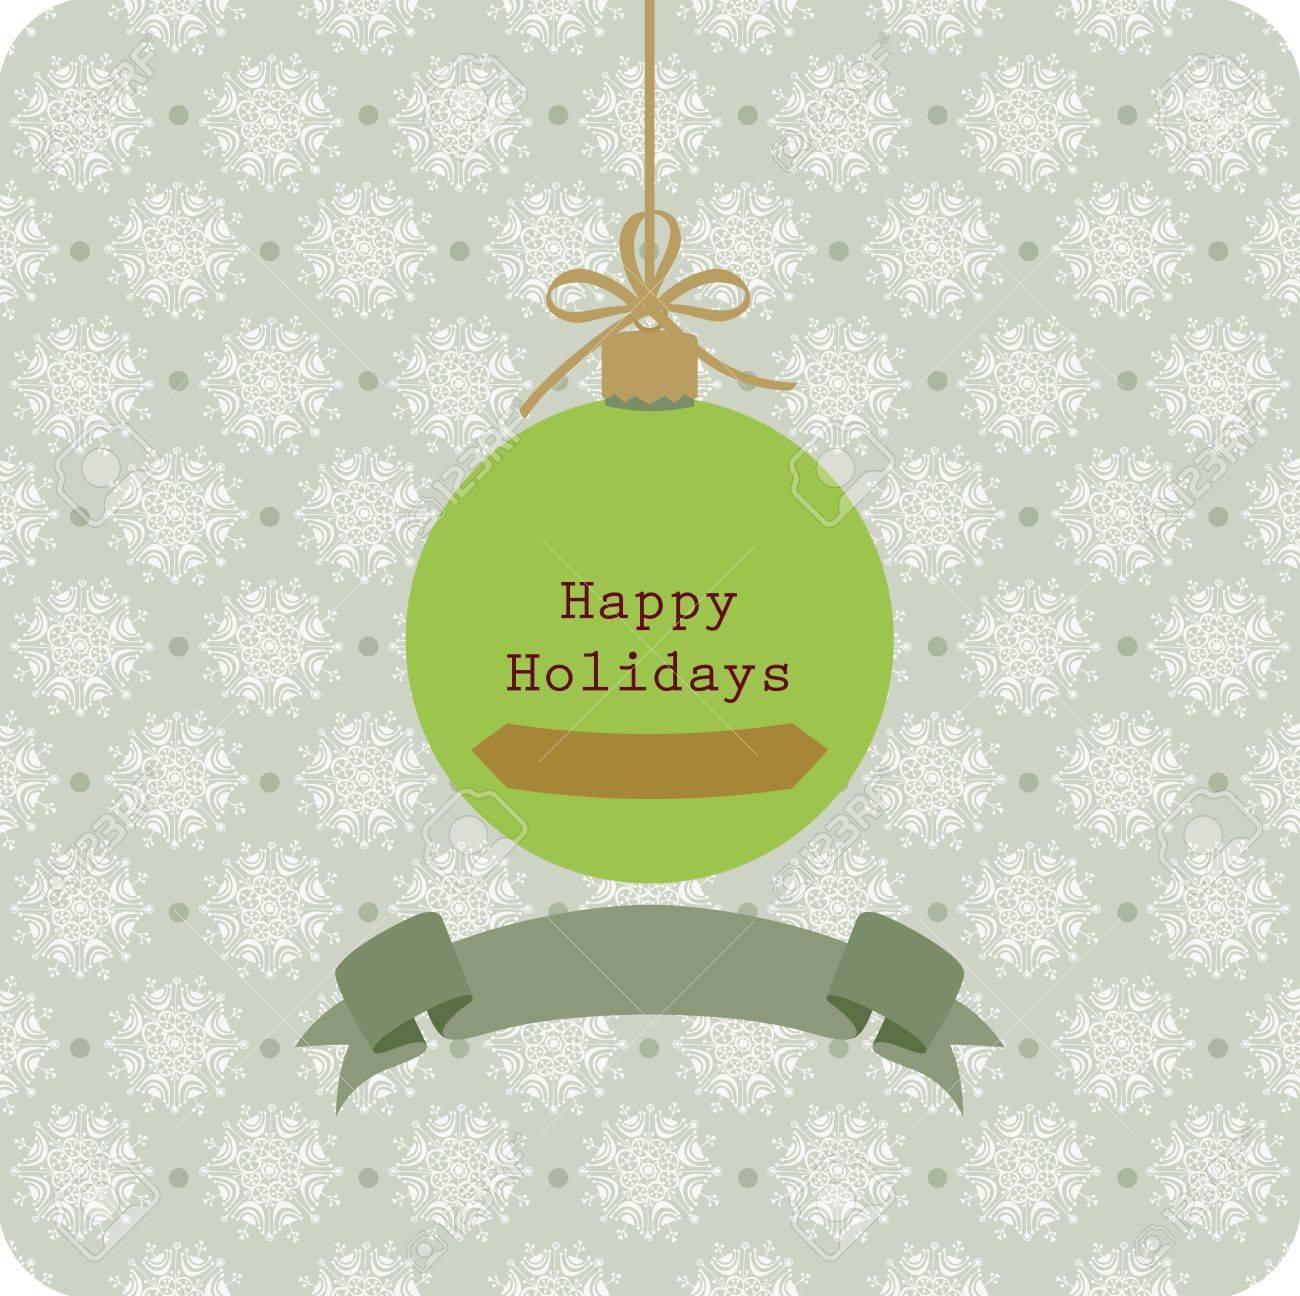 Vintage seasons greetings with Christmas ball and snowflake Stock Vector - 14377321